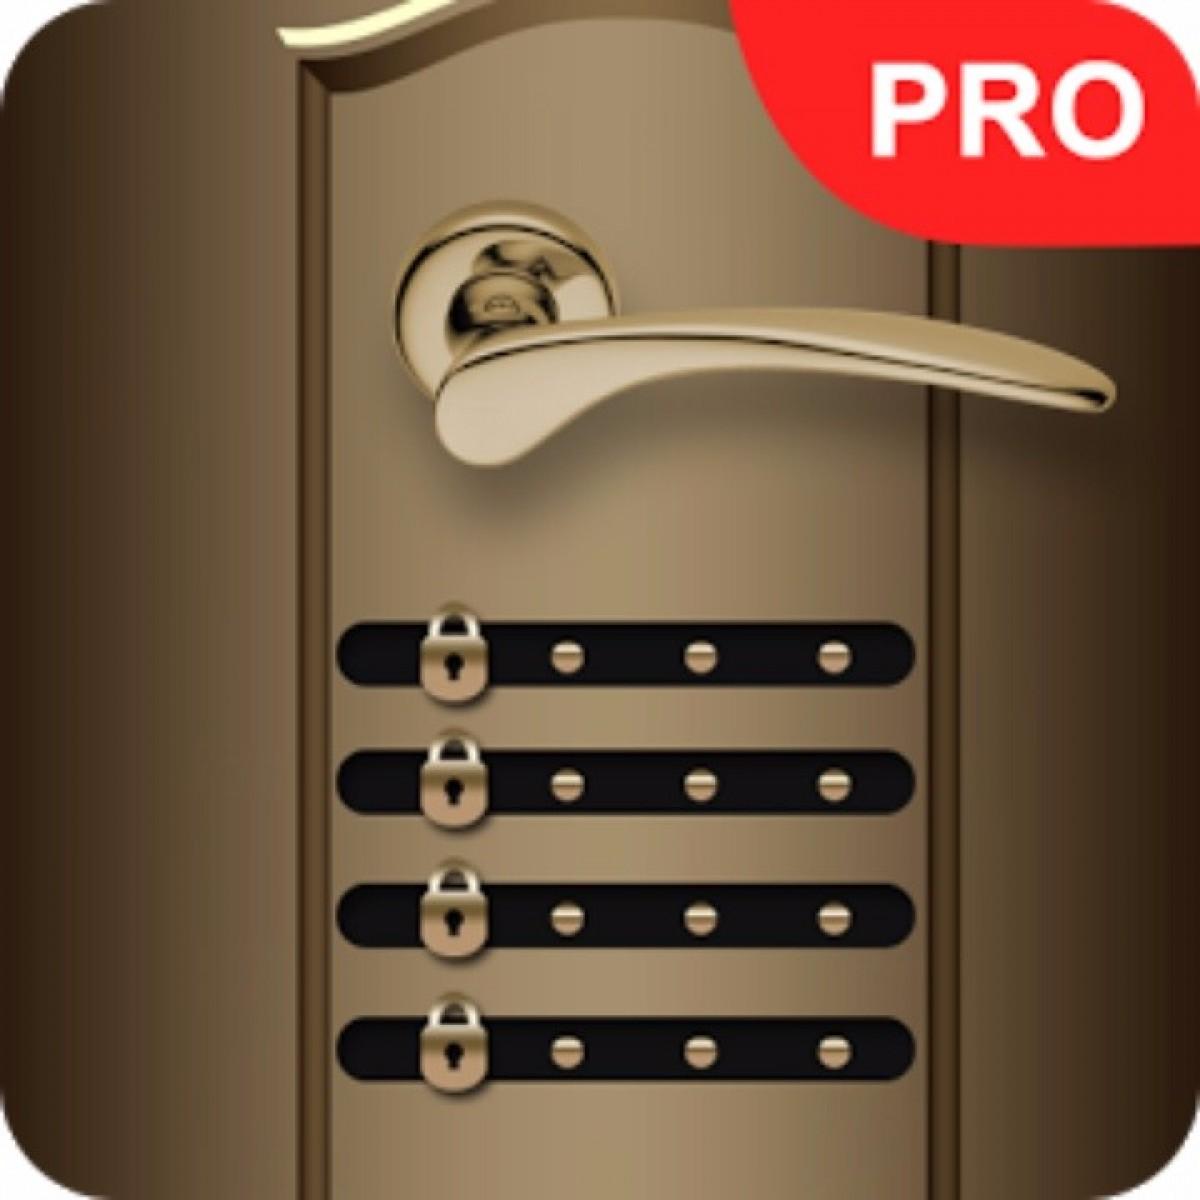 Door Lock Screen Pro v2.0 APK Free Download